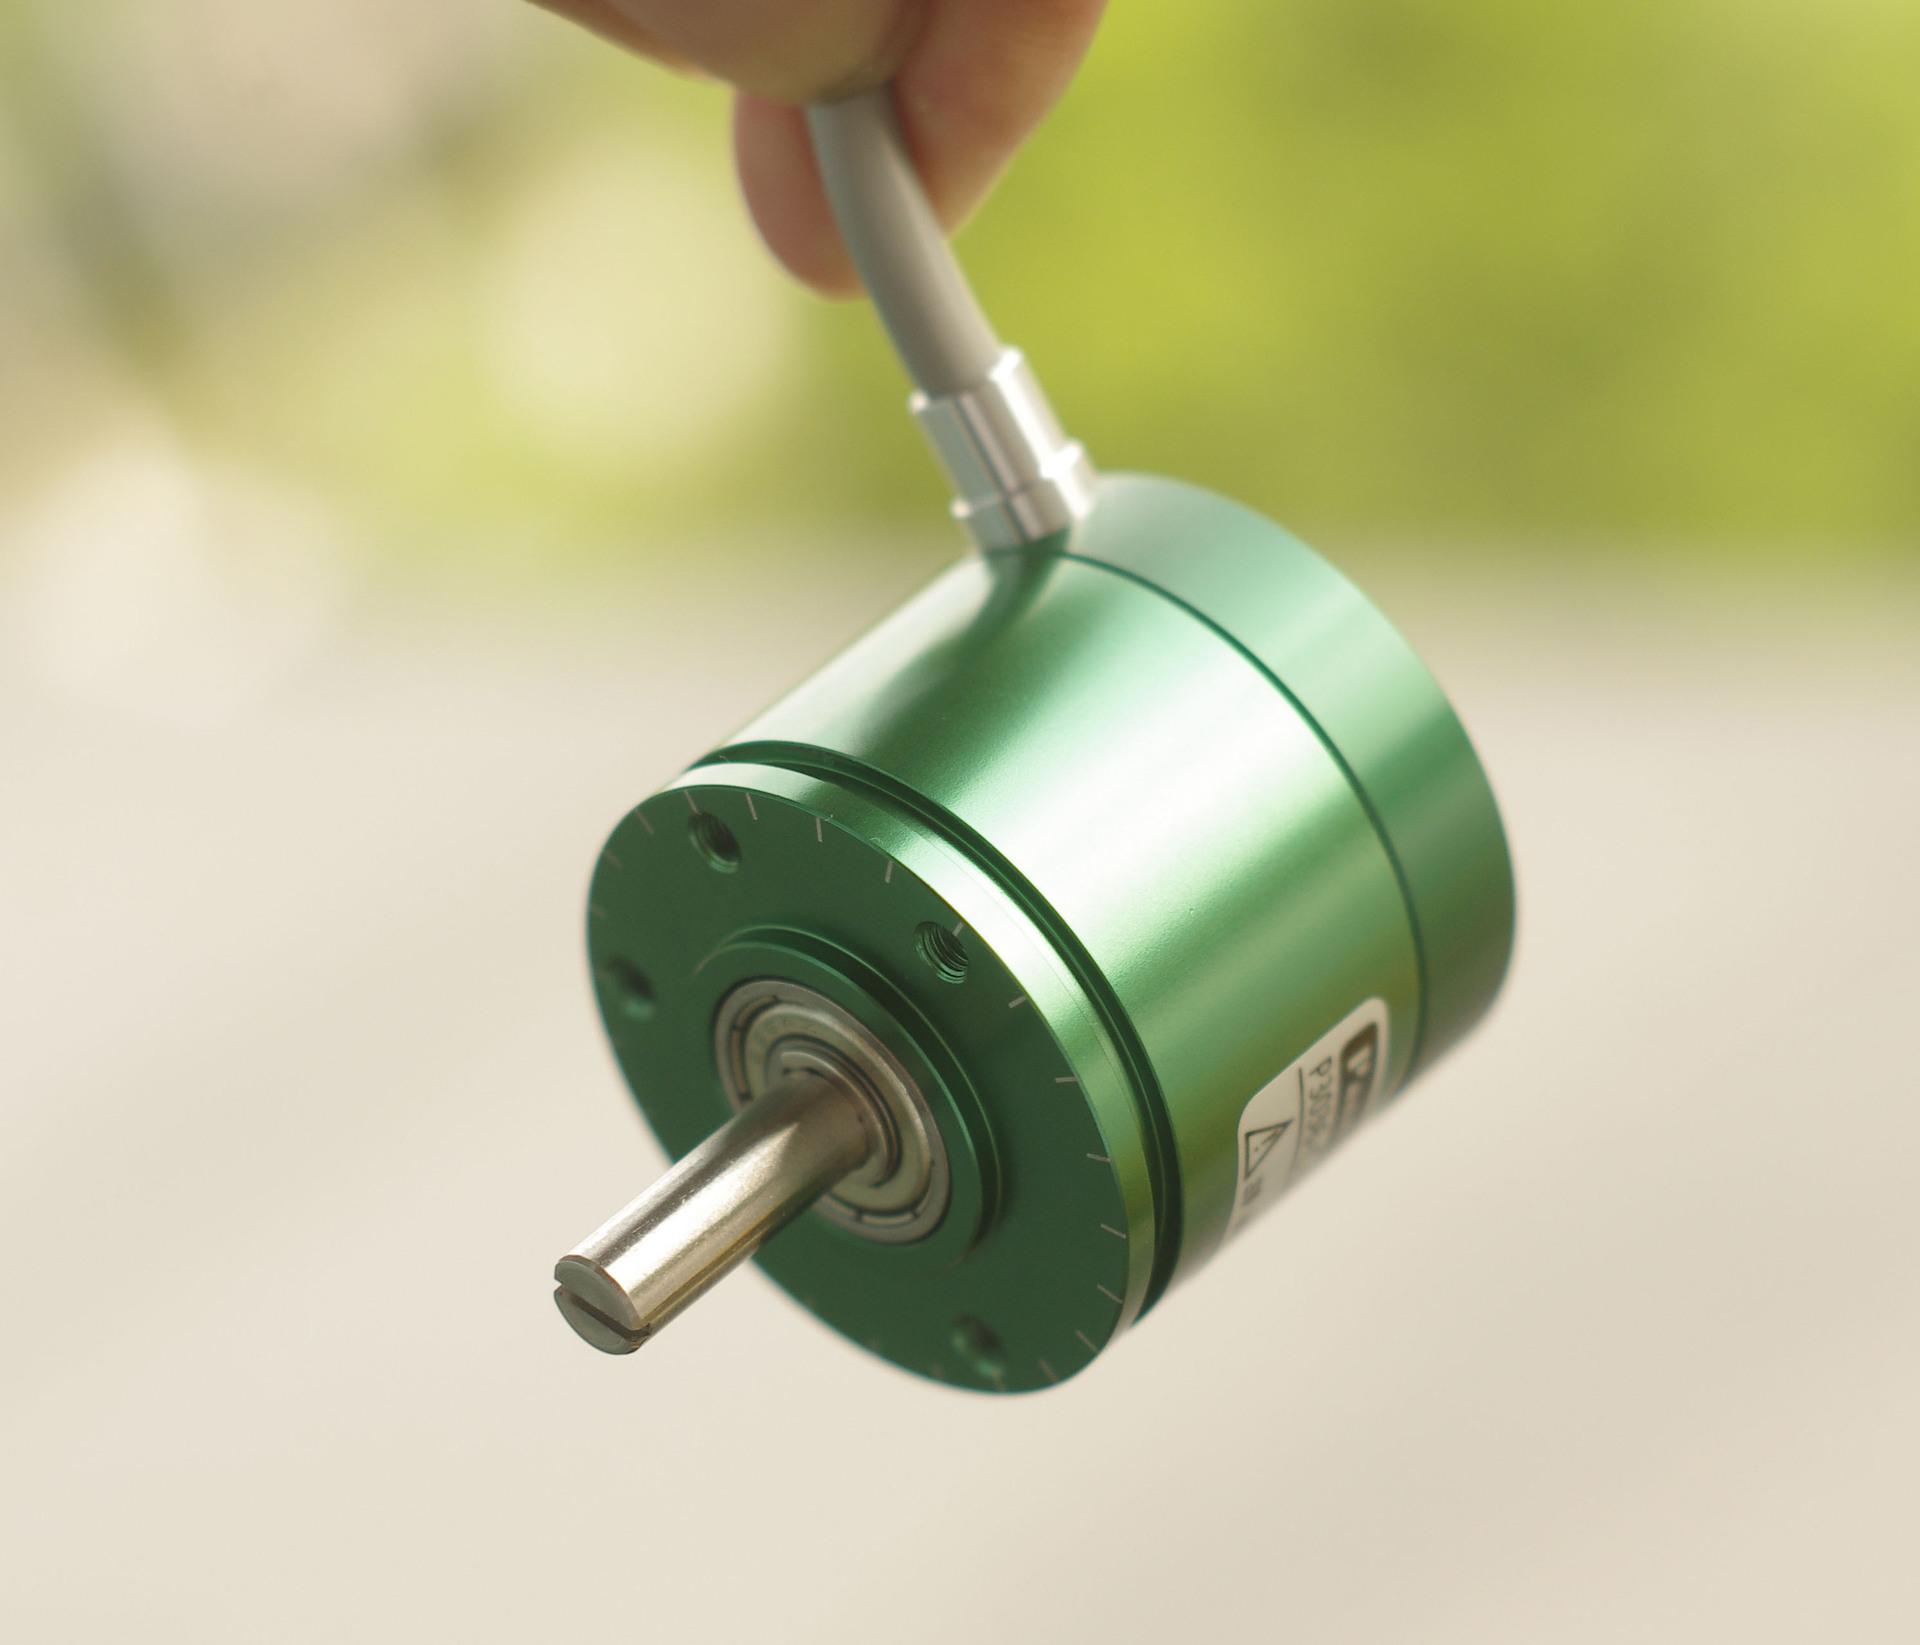 非接触式传感器_霍尔传感器_360度无盲区非接触式霍尔角度传感器 - 阿里巴巴